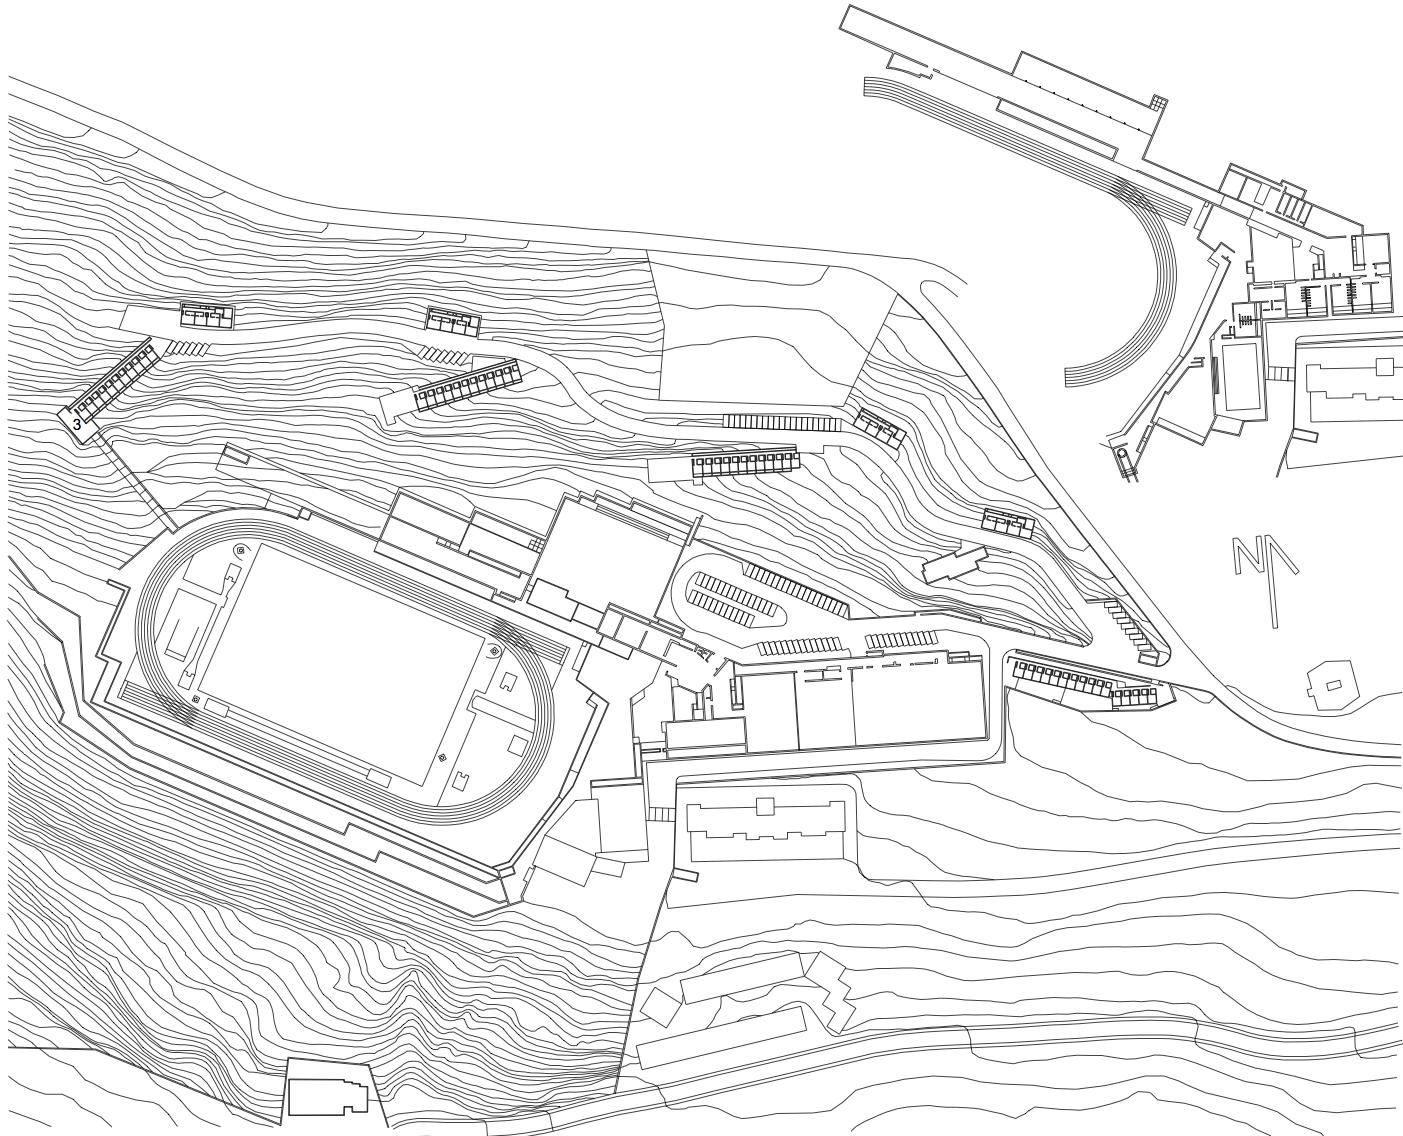 Concurso para un centro deportivo de alto rendimiento | Imagen de proyecto3